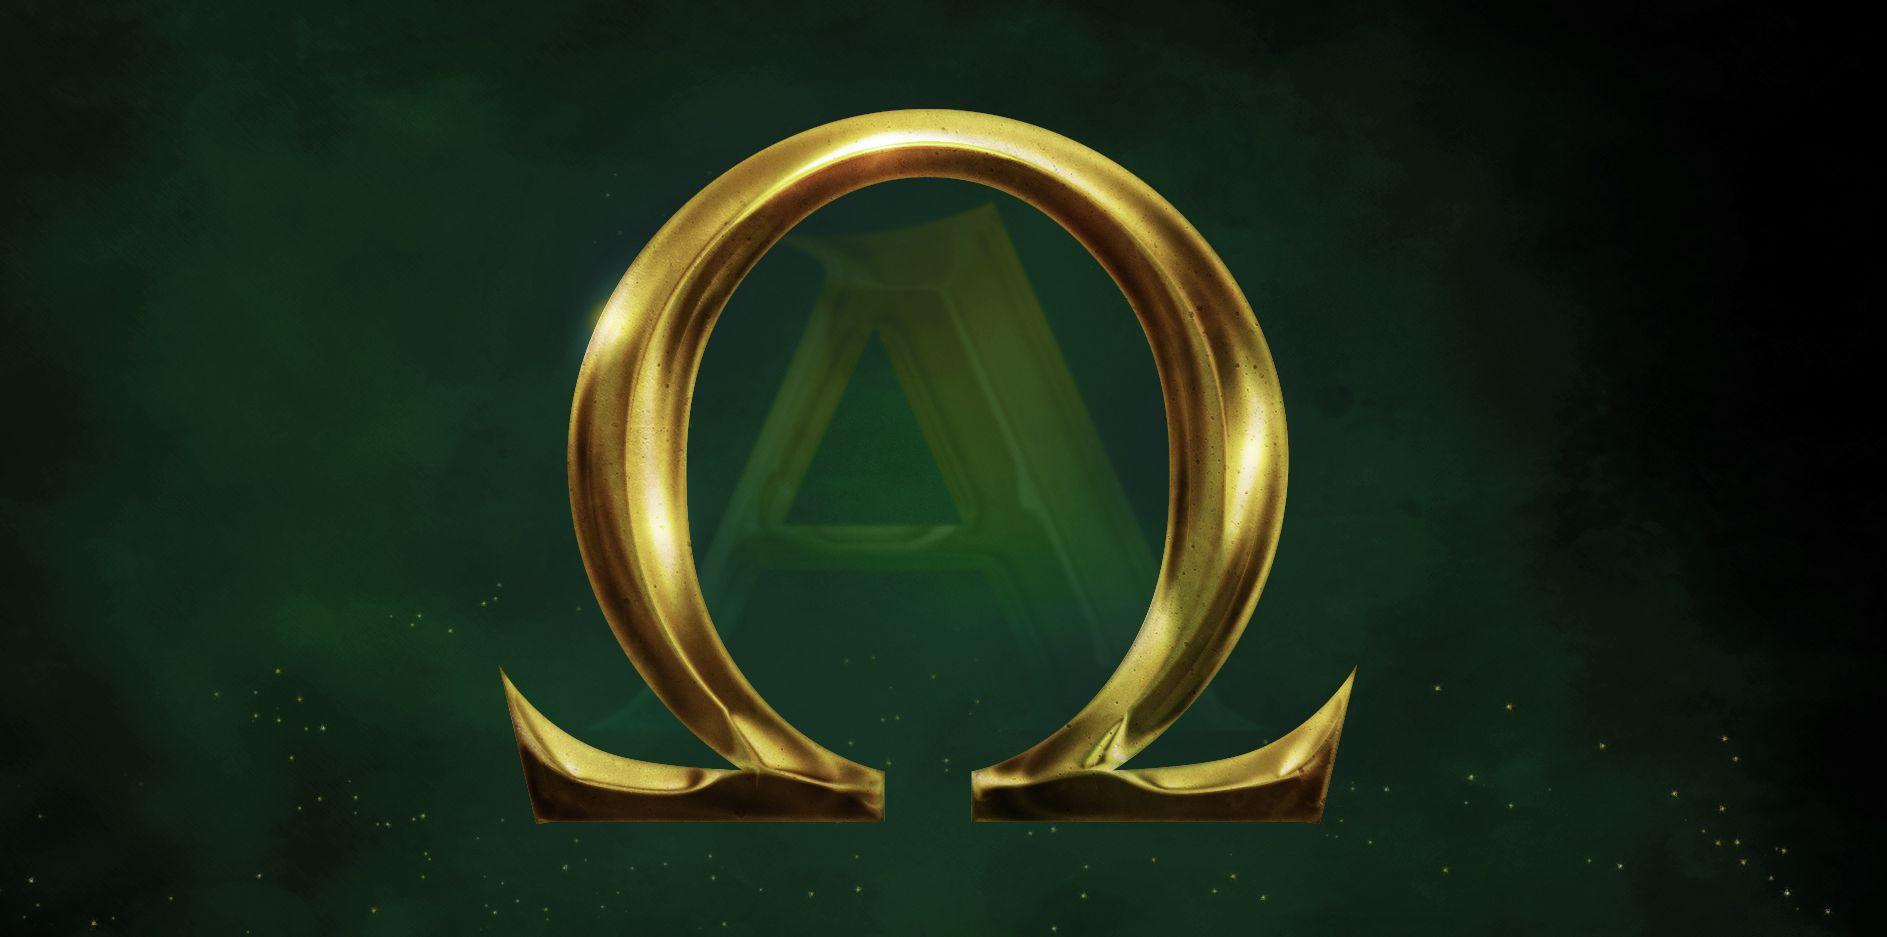 Omega比率:投资绩效的终极指标?